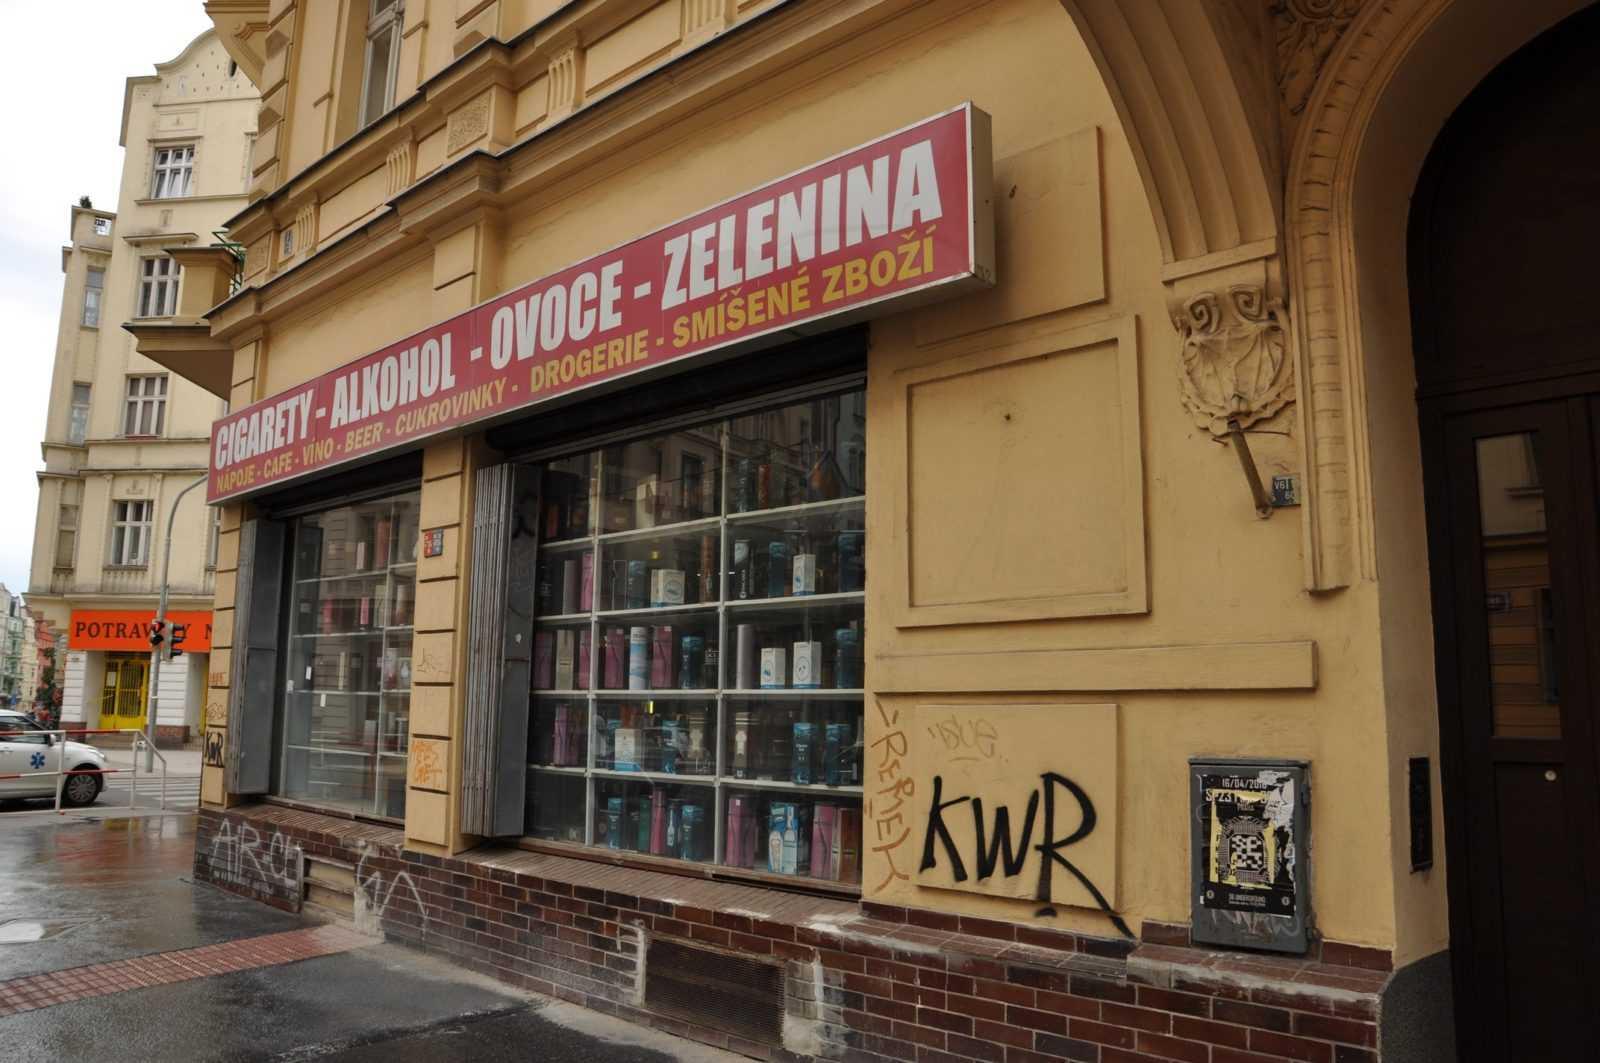 Вьетнамский магазин в Праге 2